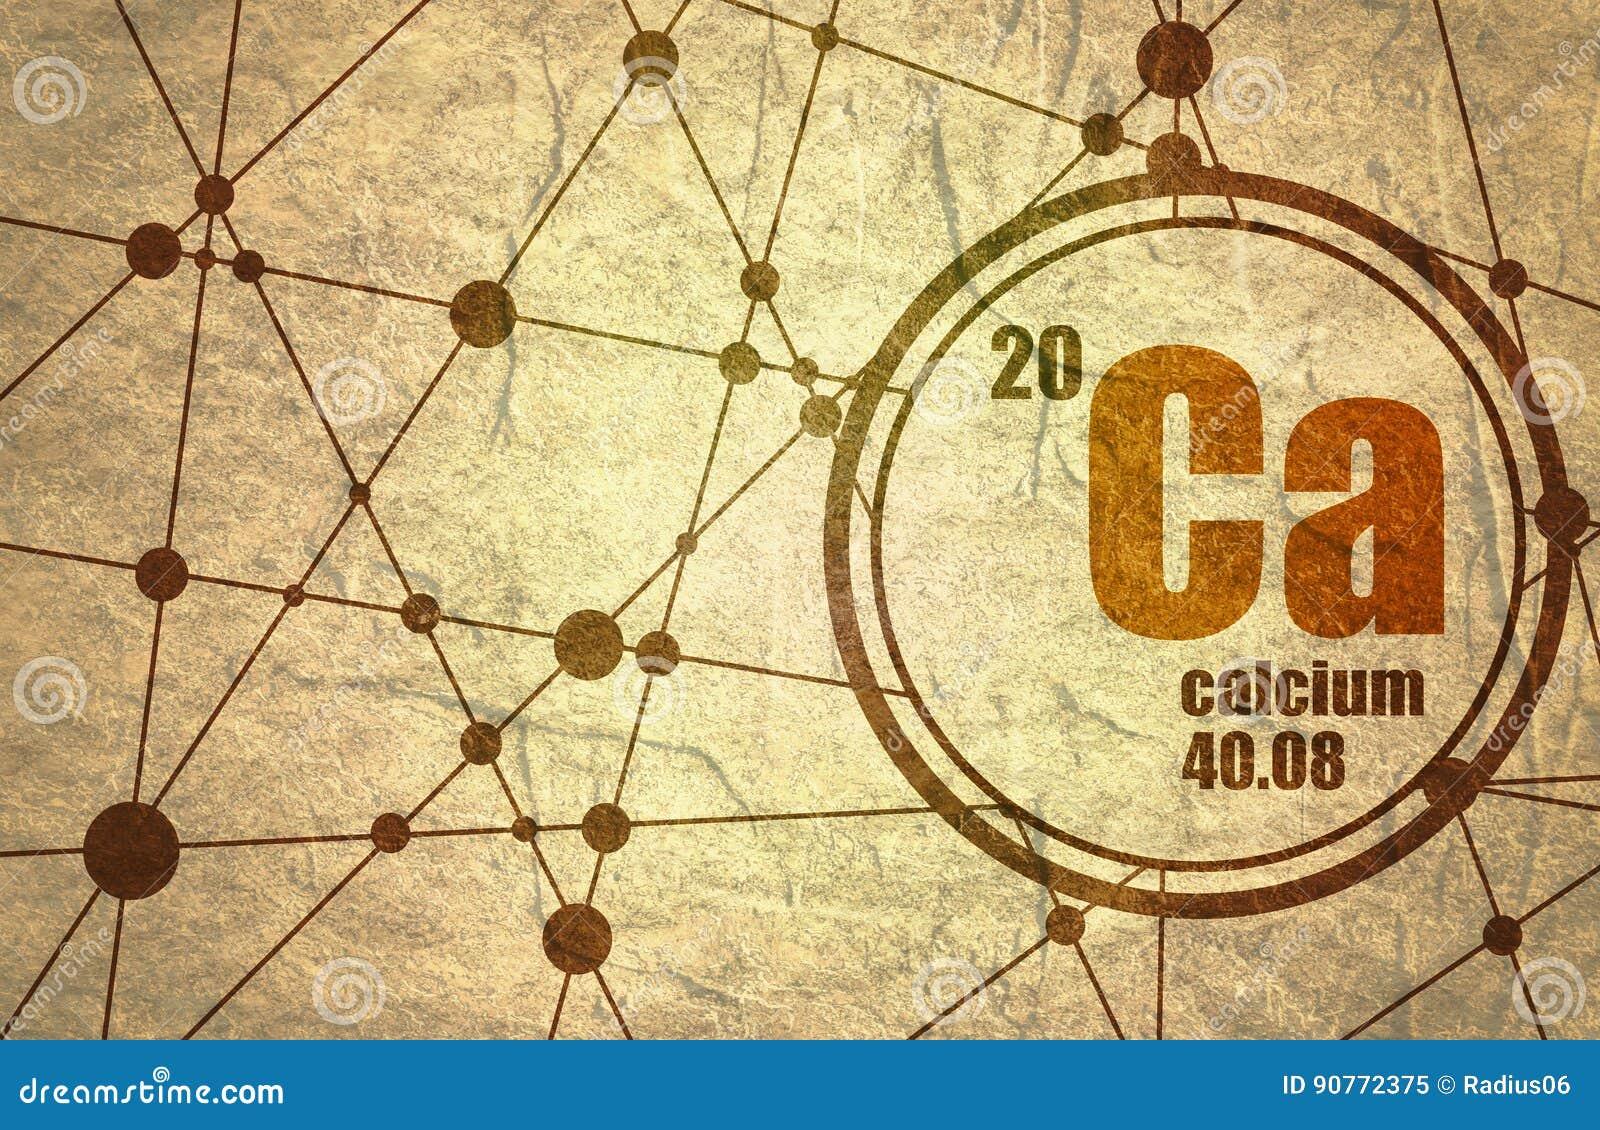 Calcium chemical element.